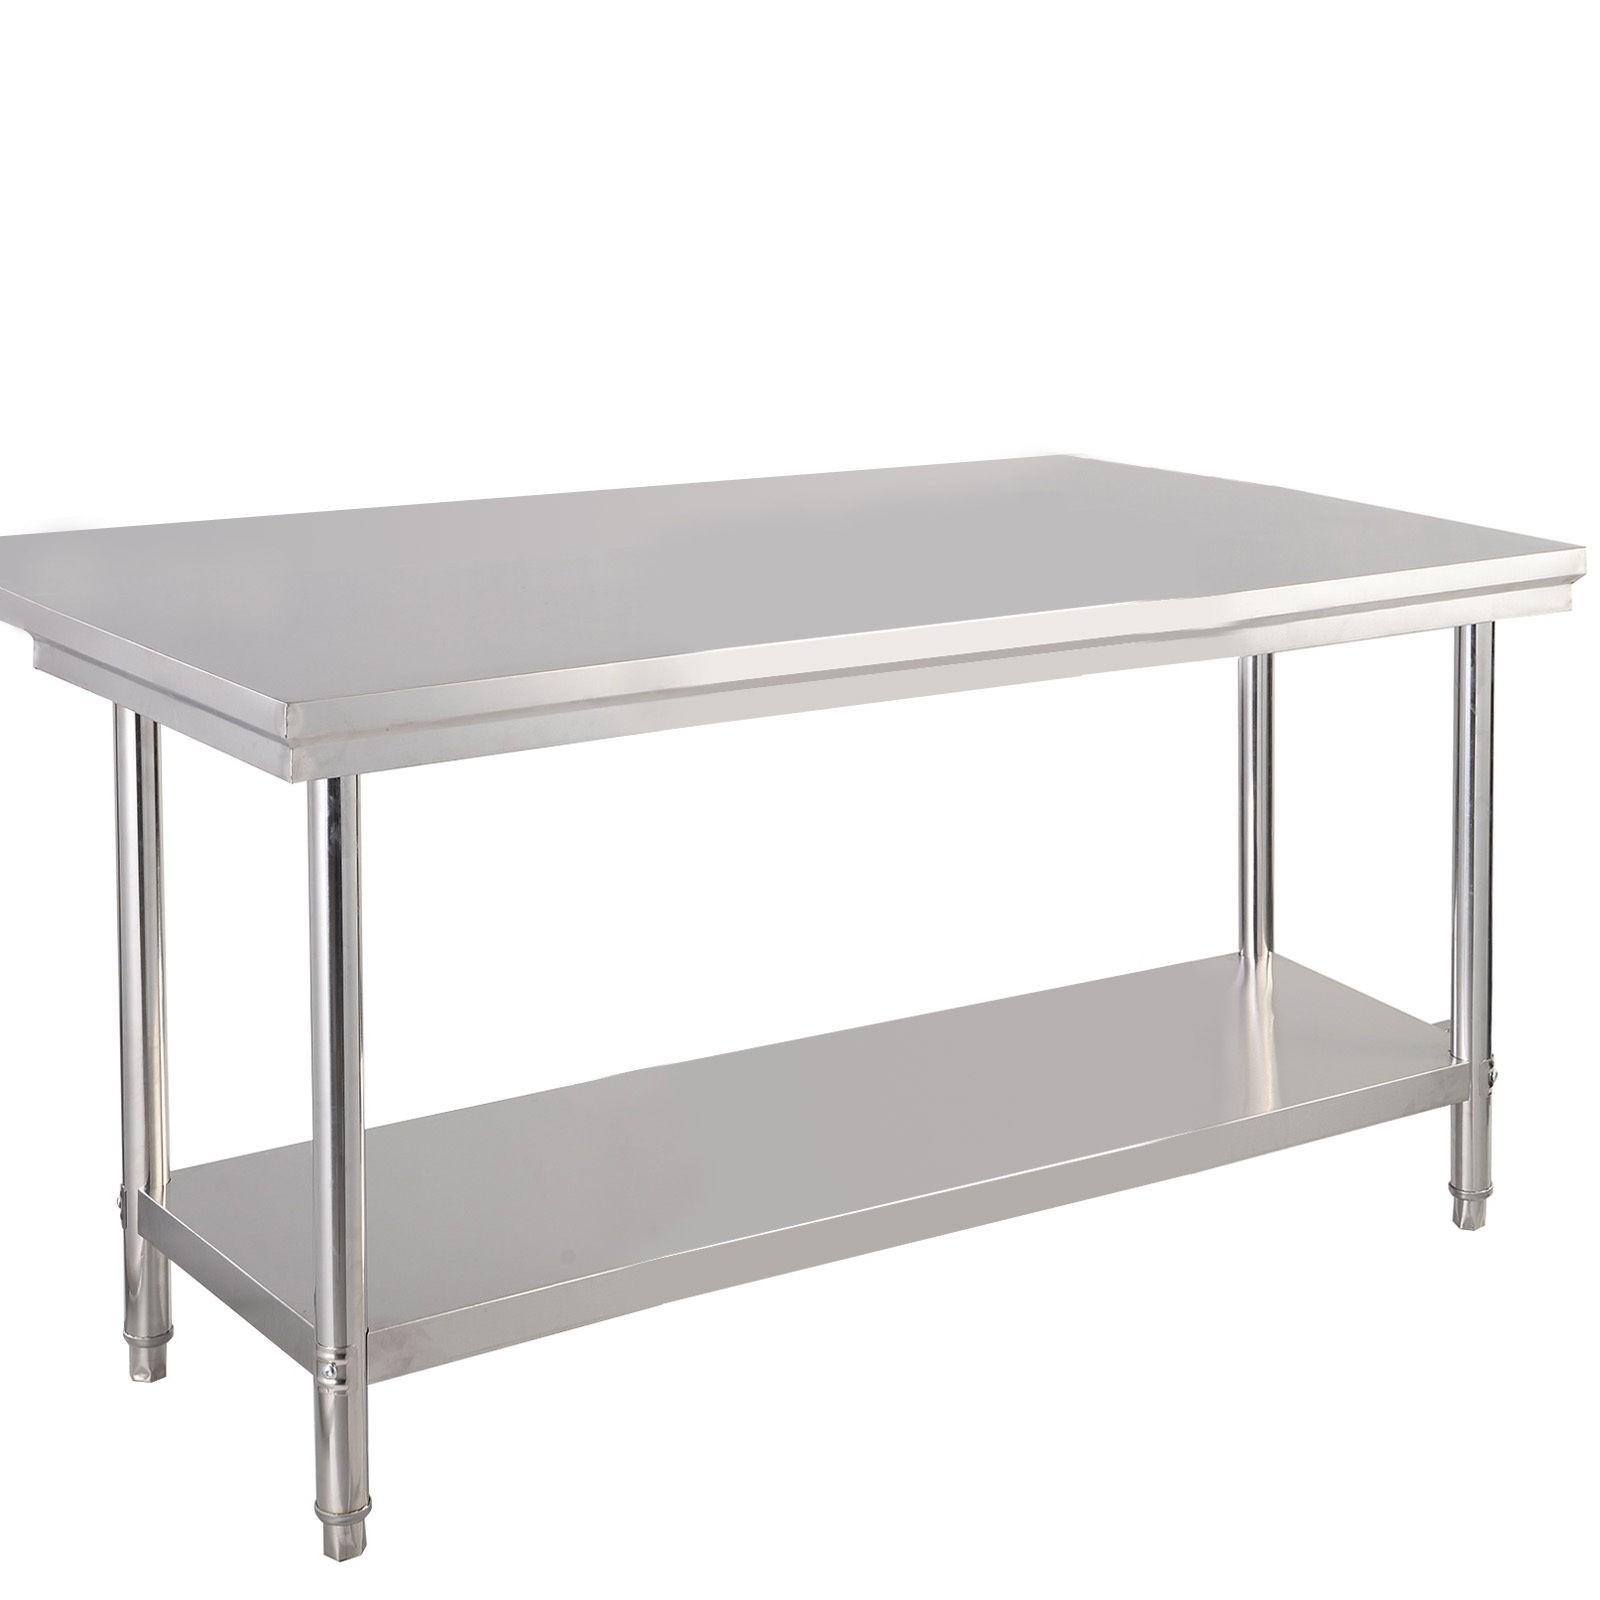 Stainless Steel Tier Work Food Prep Table Desk X Kitchen - Small stainless steel work table